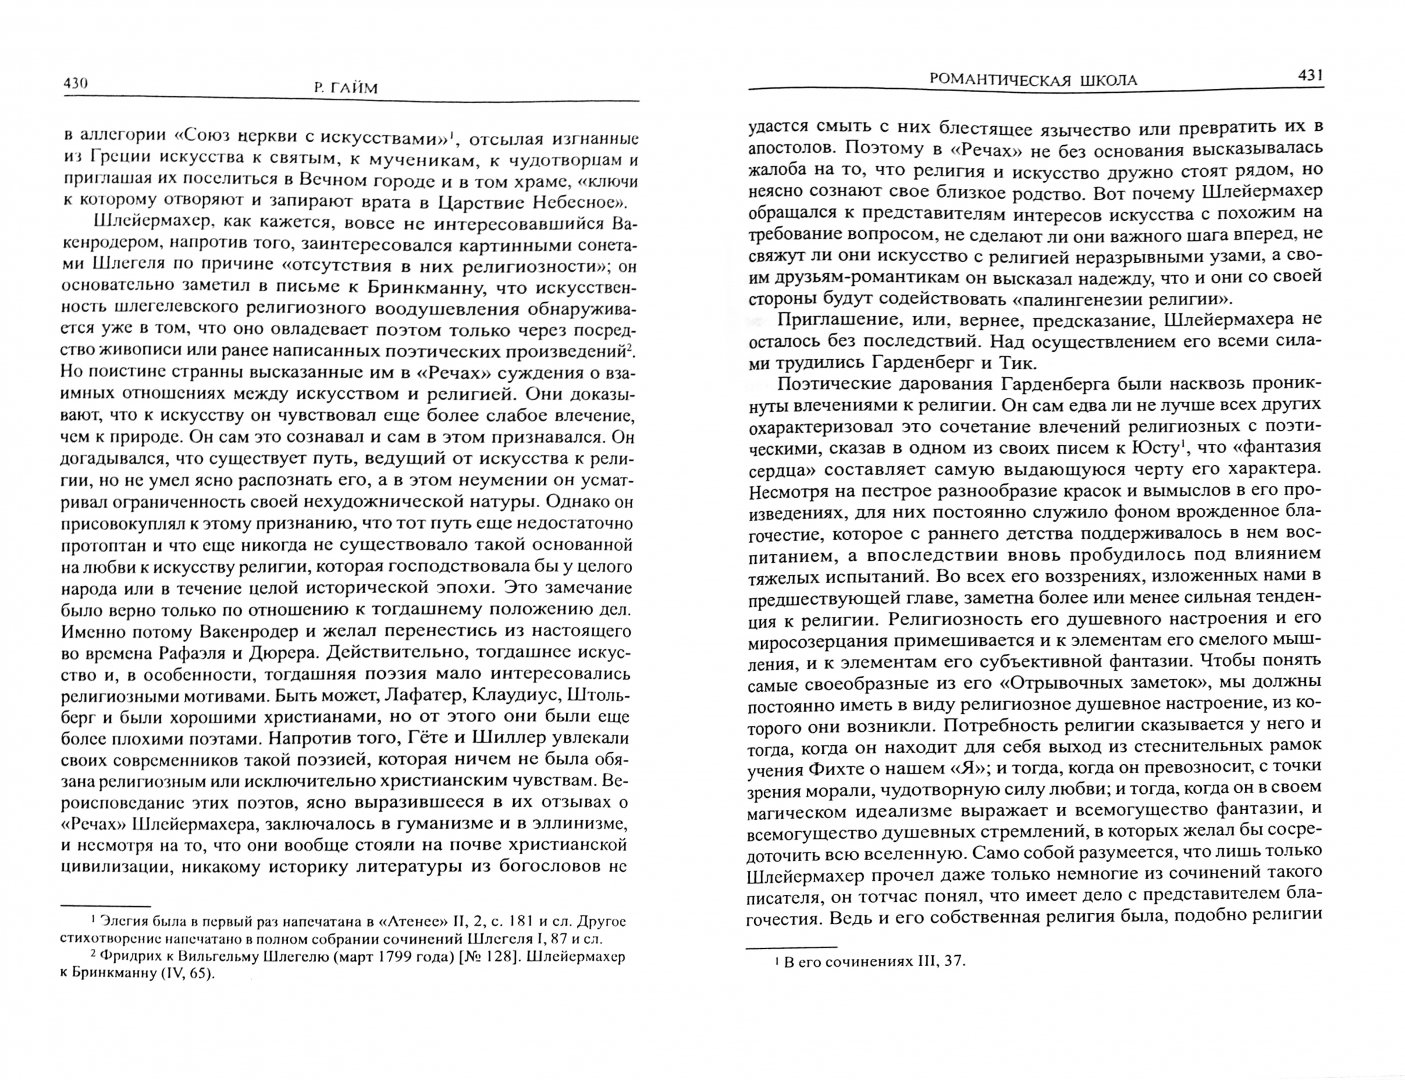 Иллюстрация 1 из 31 для Романтическая школа. Вклад в историю немецкого ума - Рудольф Гайм | Лабиринт - книги. Источник: Лабиринт